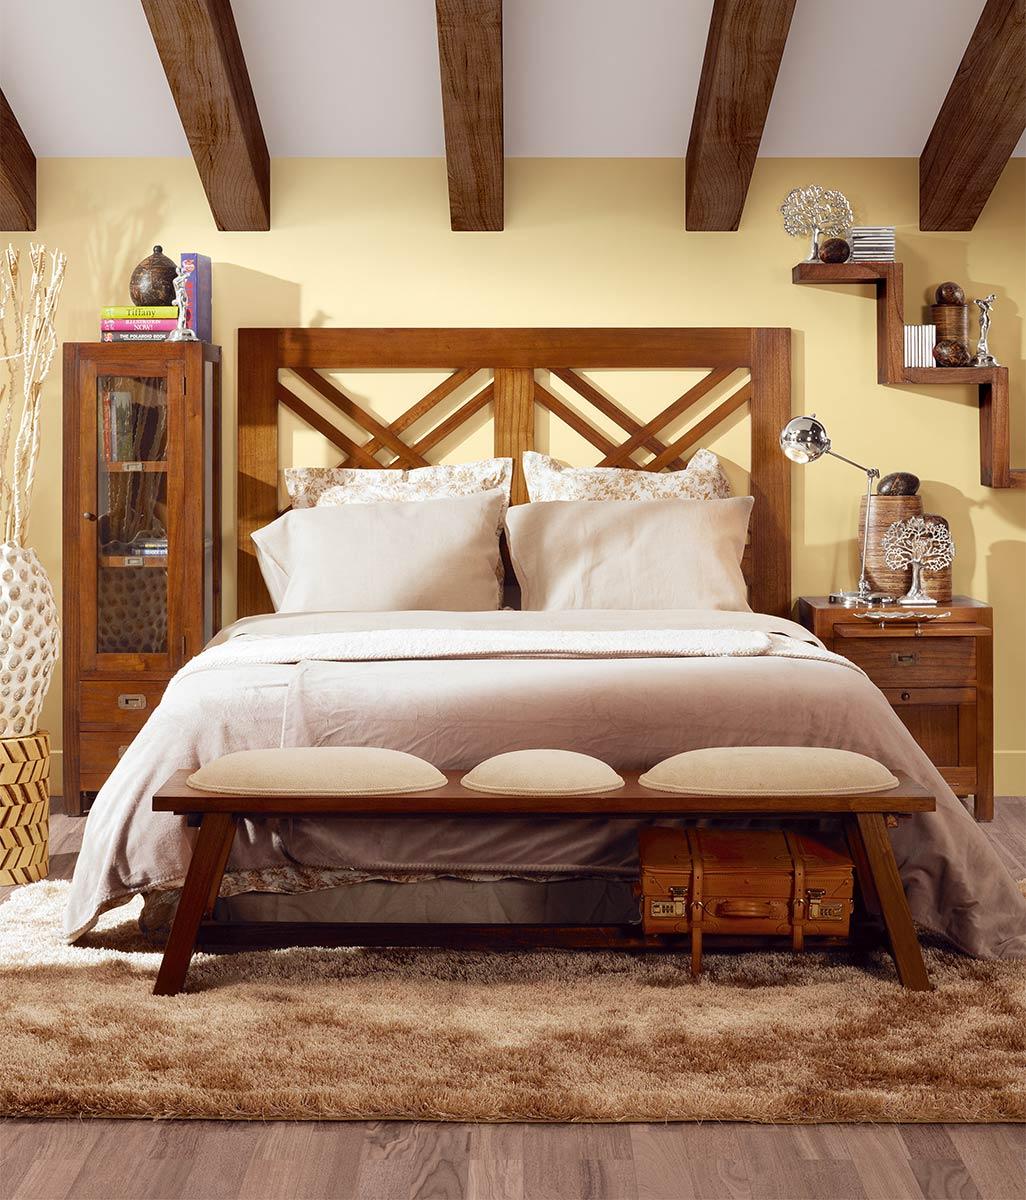 t te de lit 2 personnes en bois de mindy dimension 165 140 collection mawan. Black Bedroom Furniture Sets. Home Design Ideas